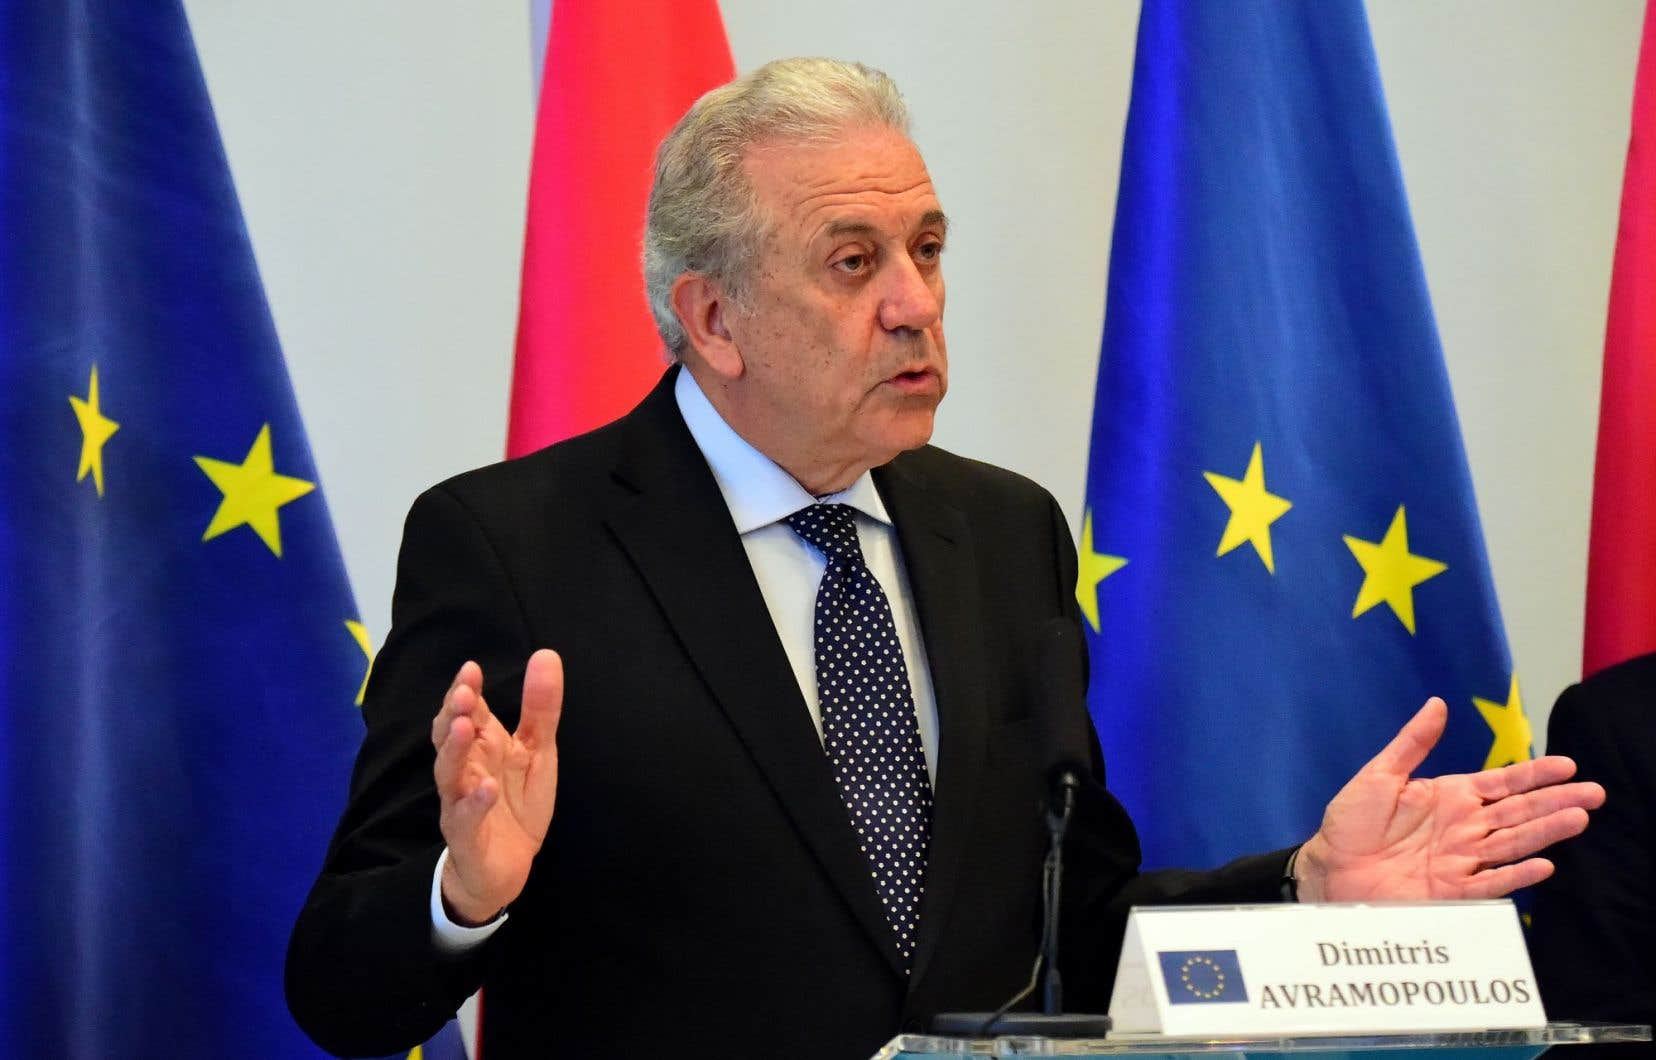 Le commissaire aux Migrations de la Commission européenne, Dimítris Avramópoulos